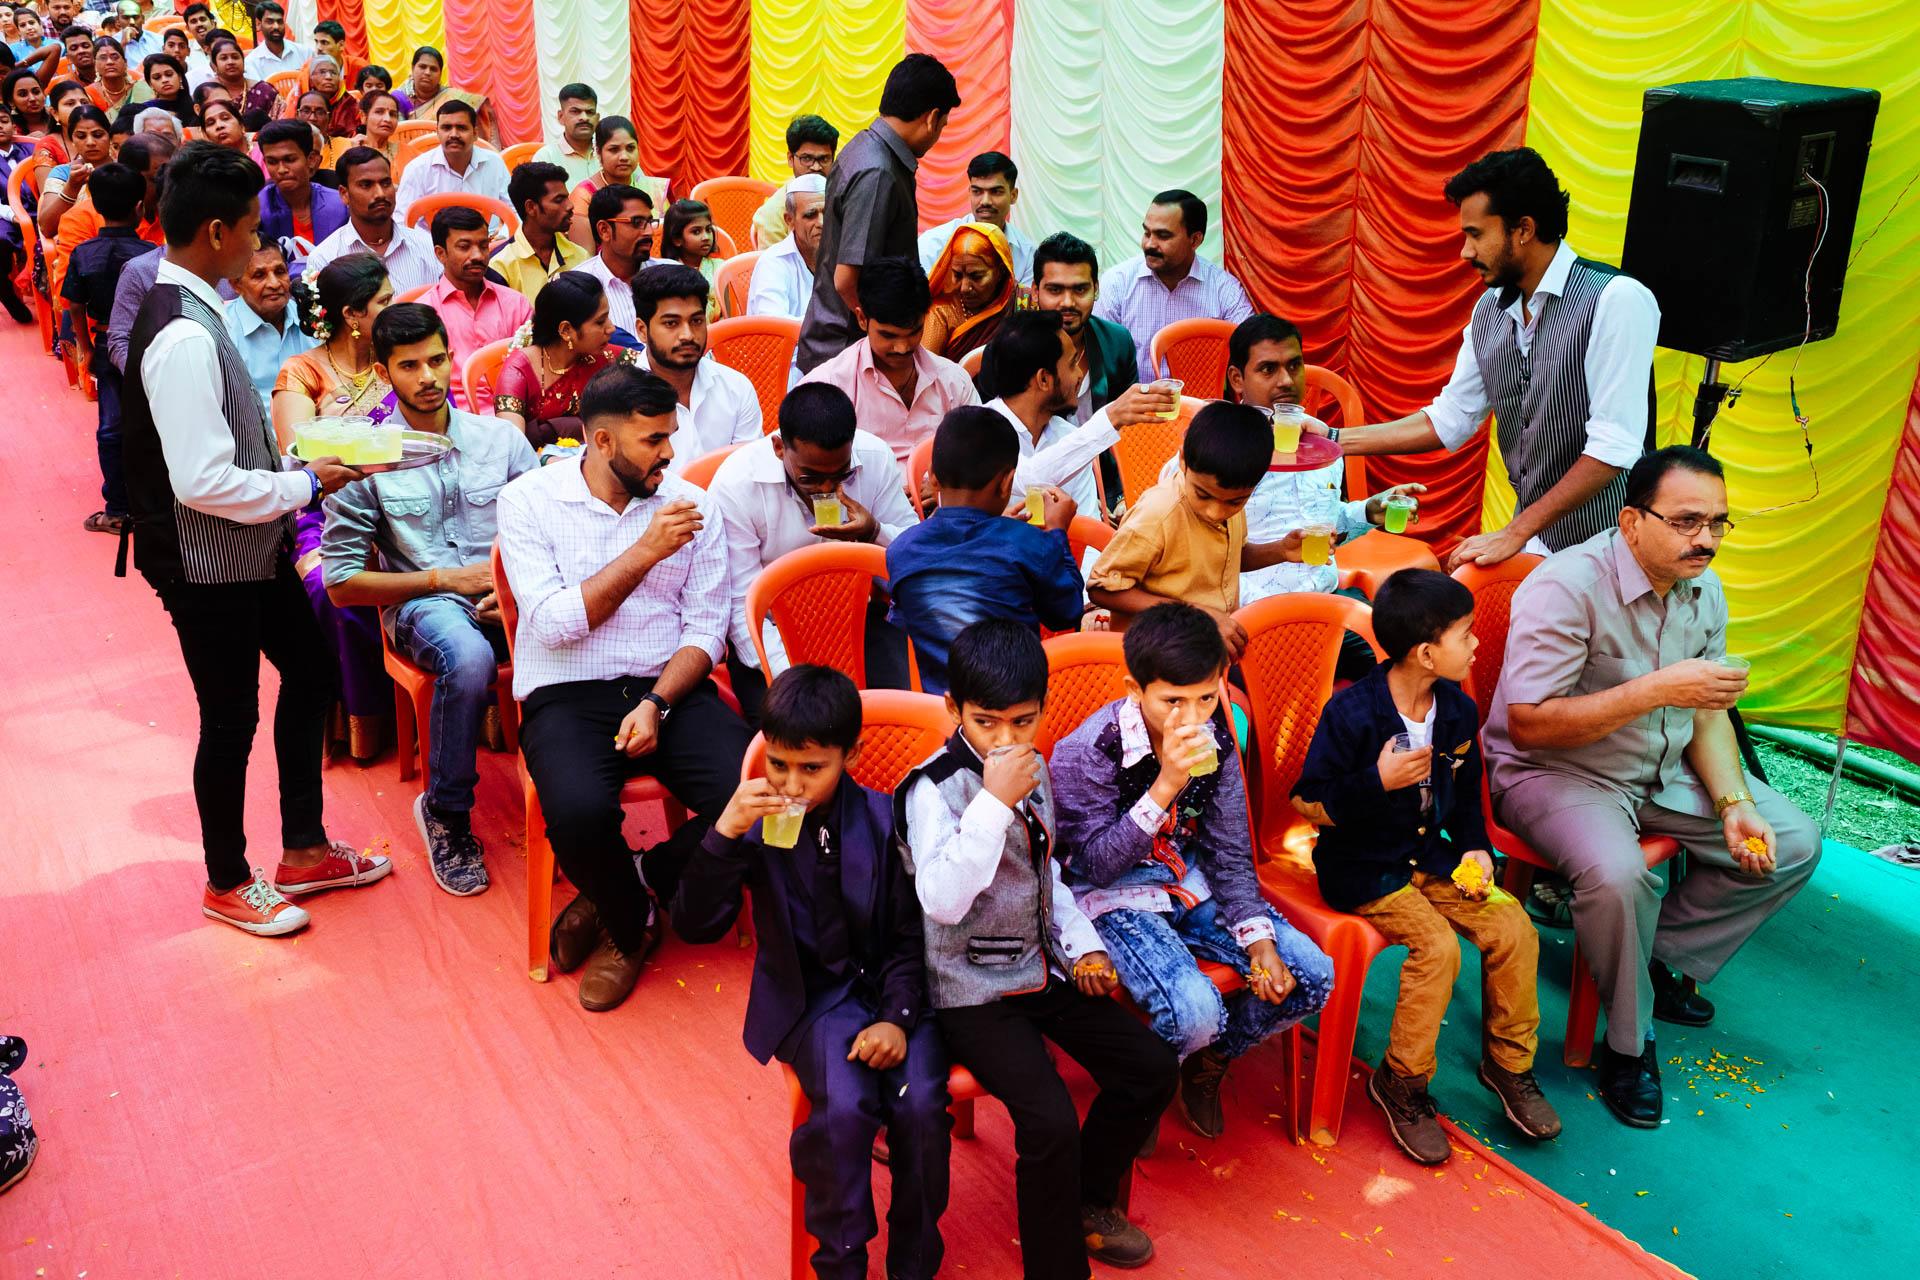 wedding_in_mumbai-56.jpg